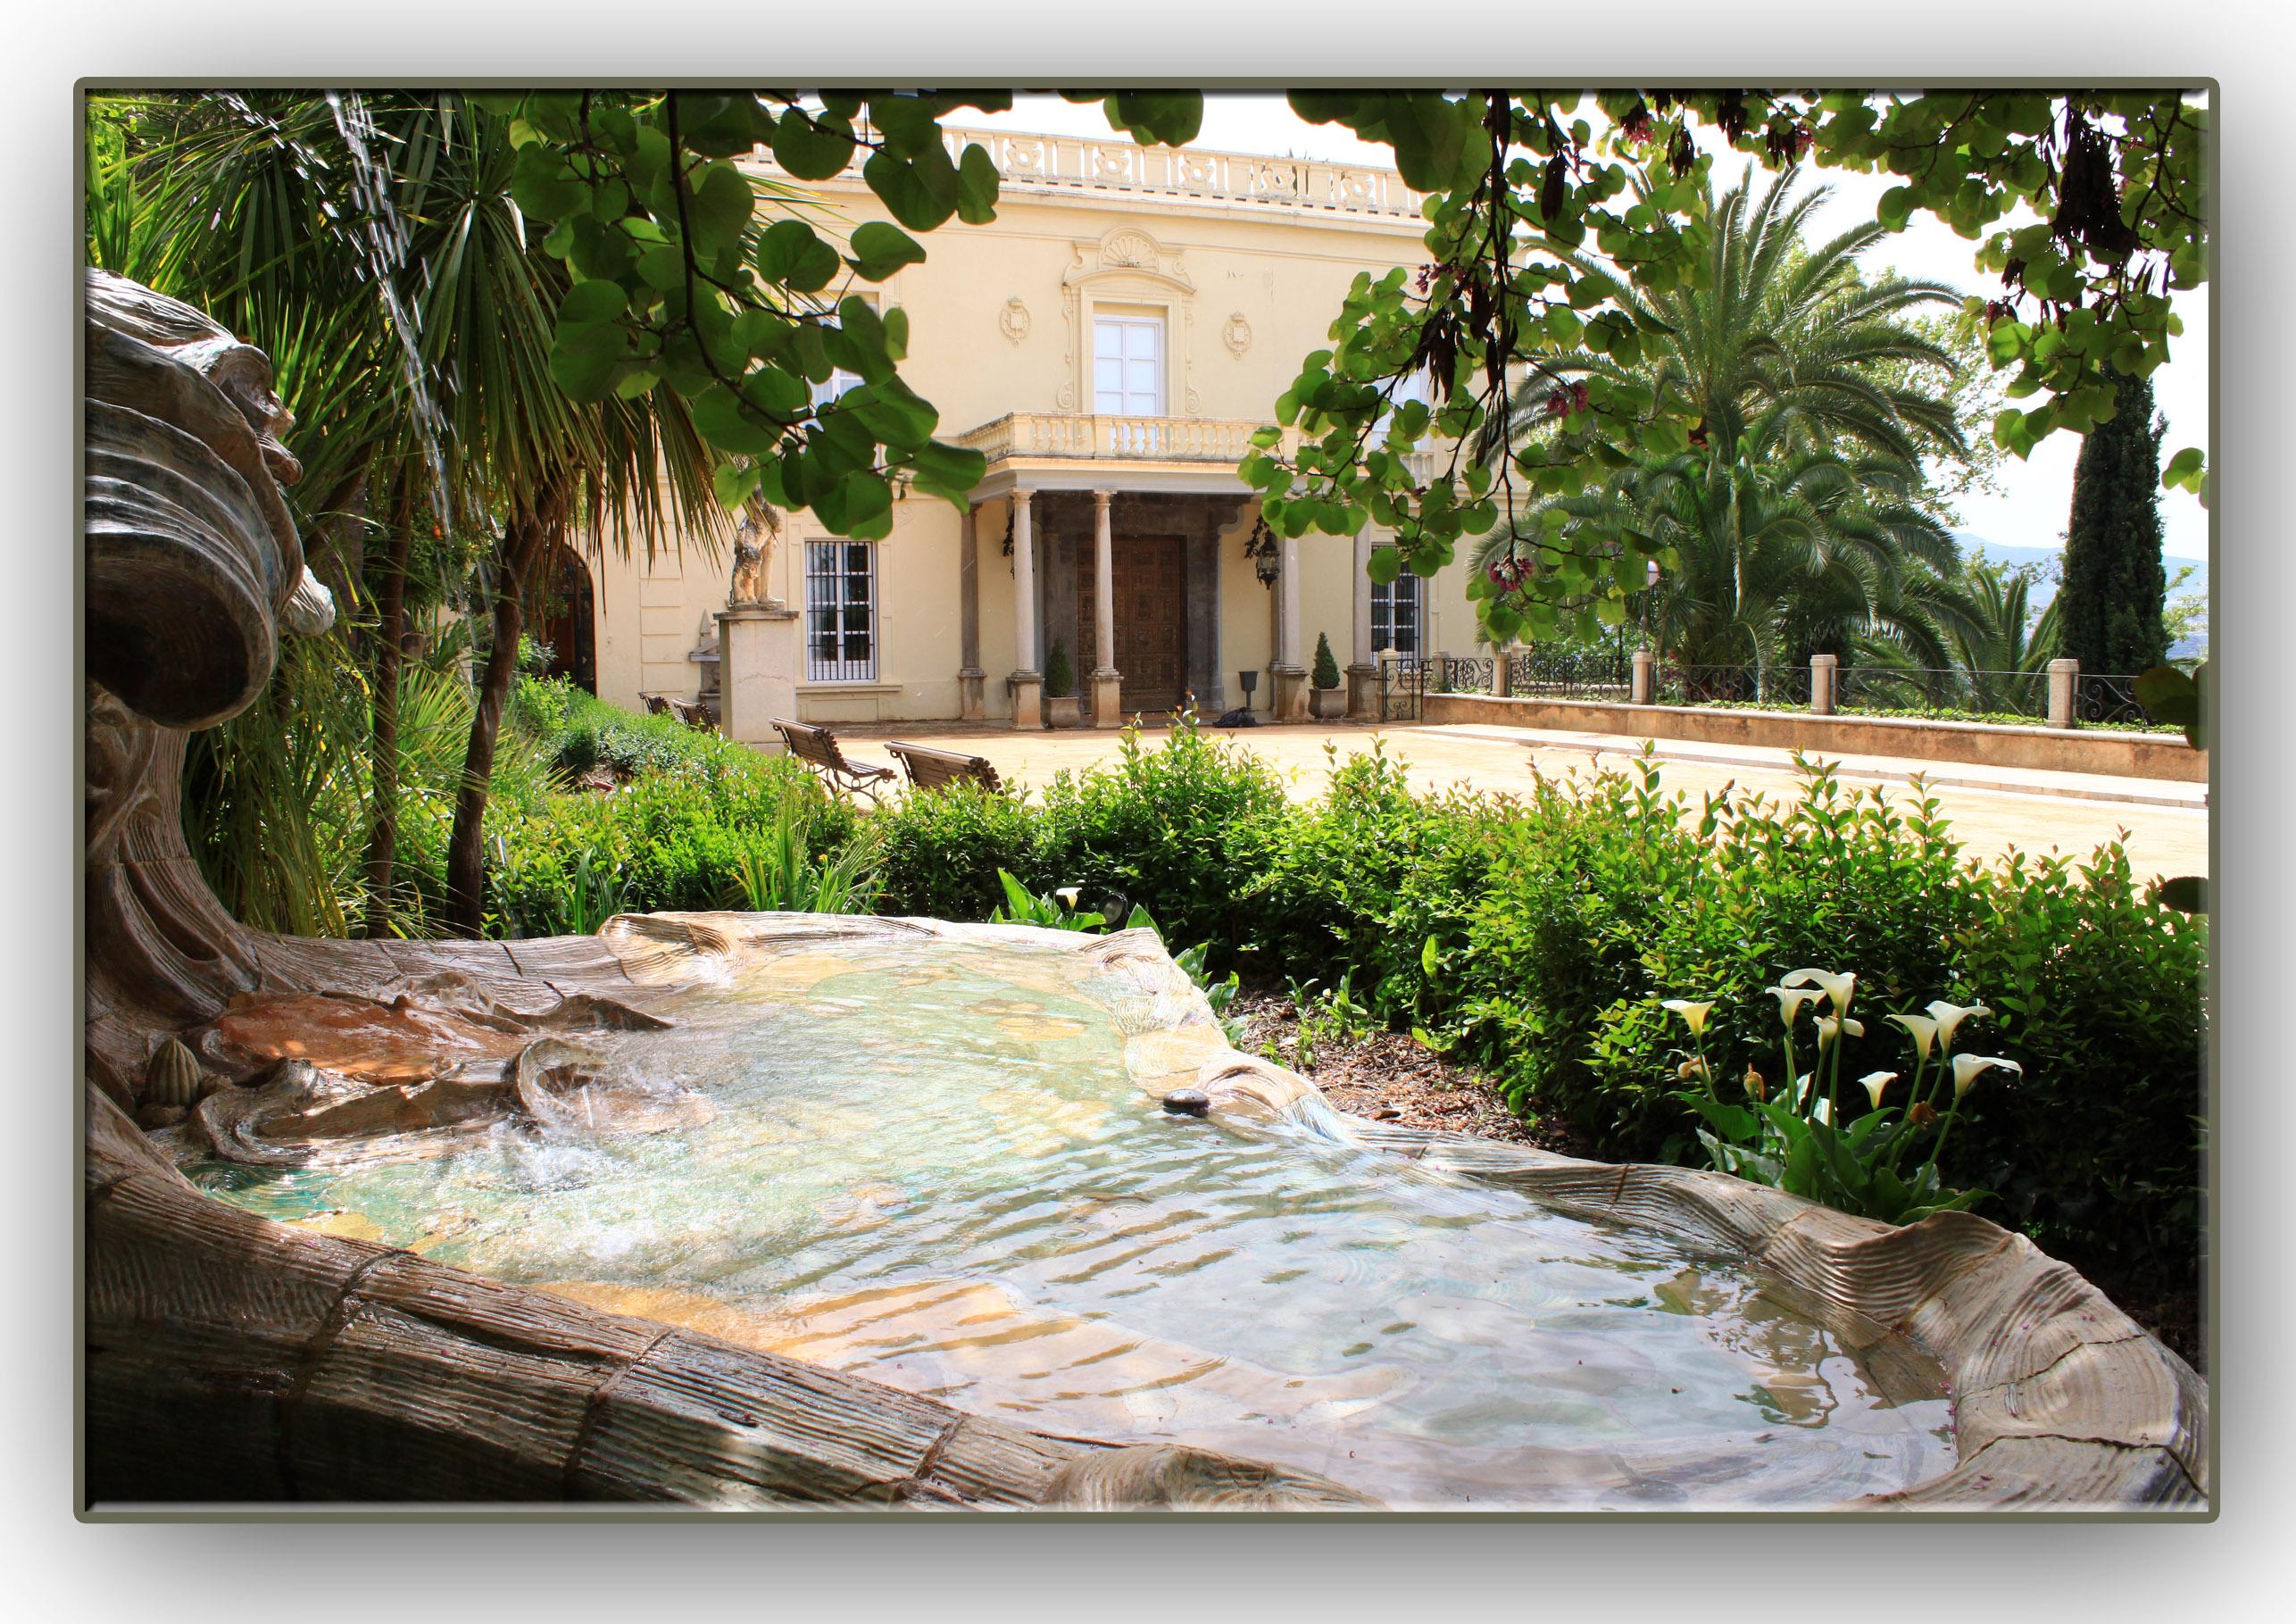 El carmen de los m rtires jard n paradis aco junto a la - Residencia los jardines granada ...